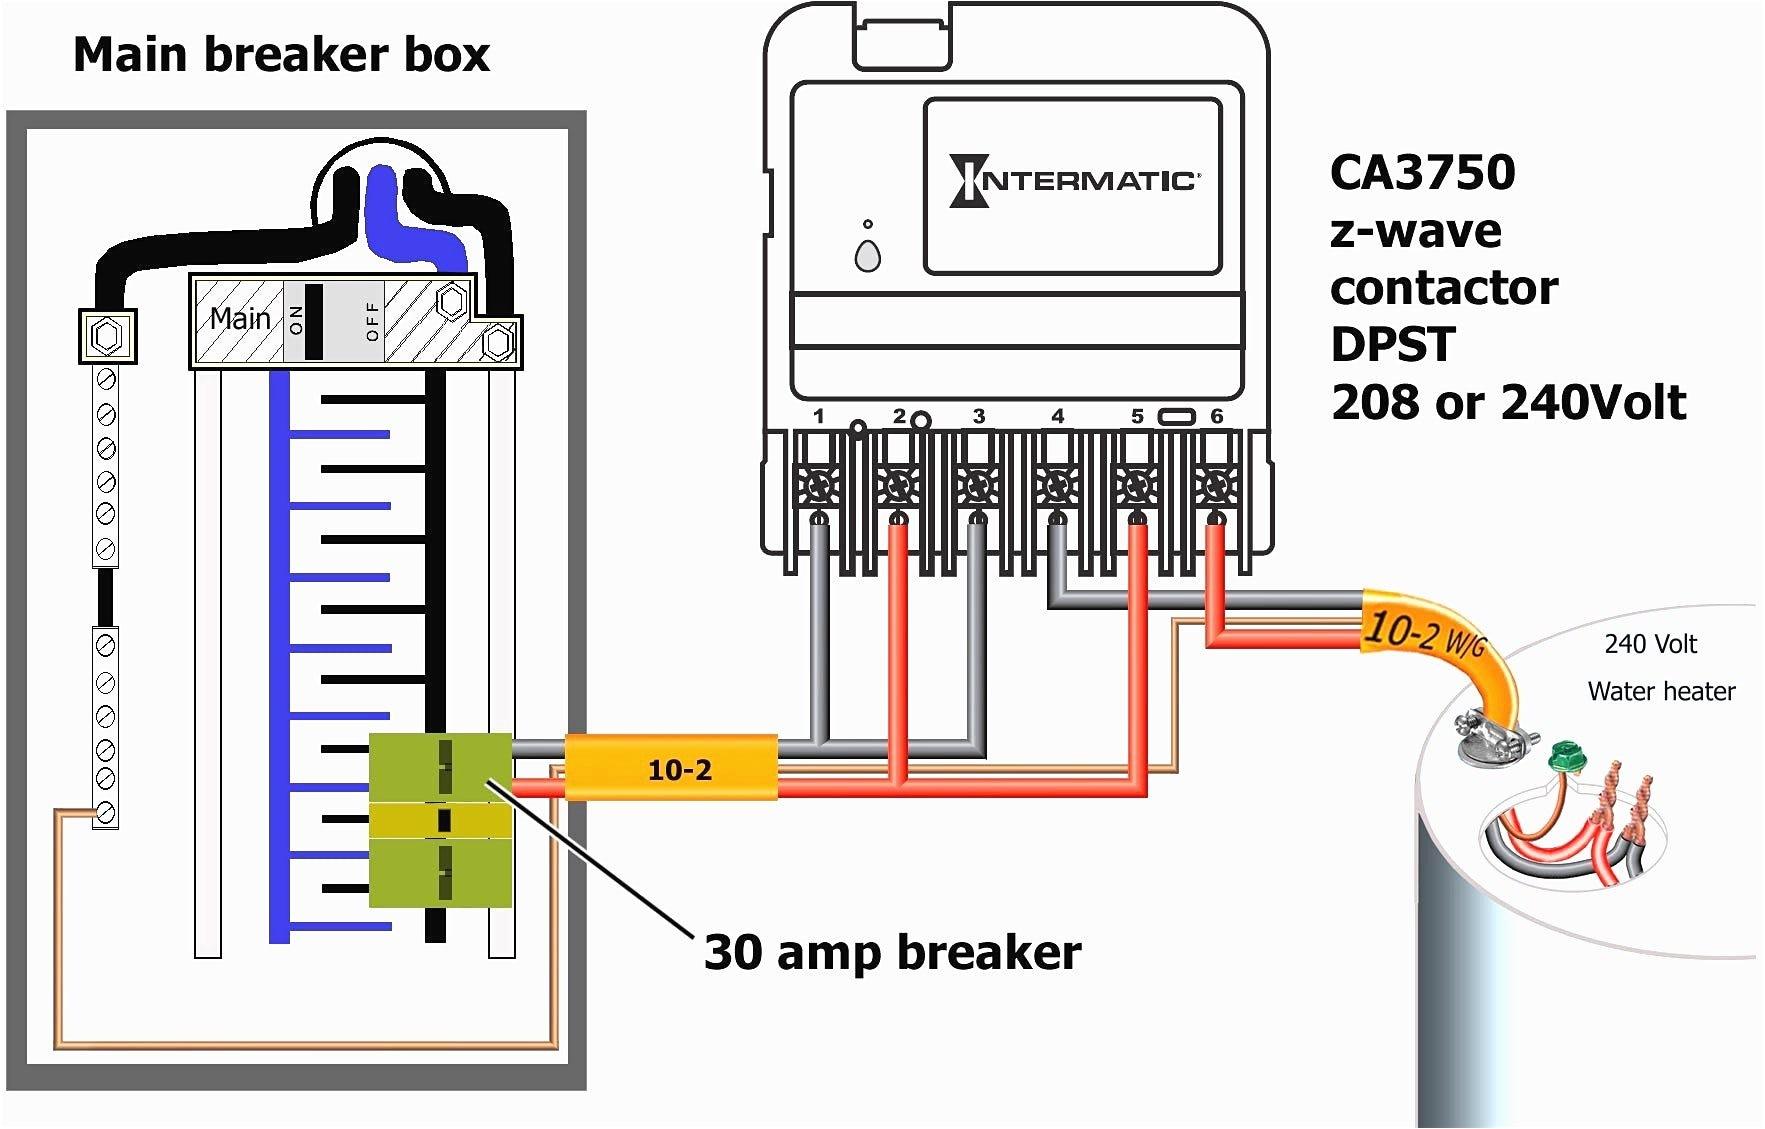 250 volt schematic wiring diagram wiring diagram fascinating 250 volt schematic wiring diagram